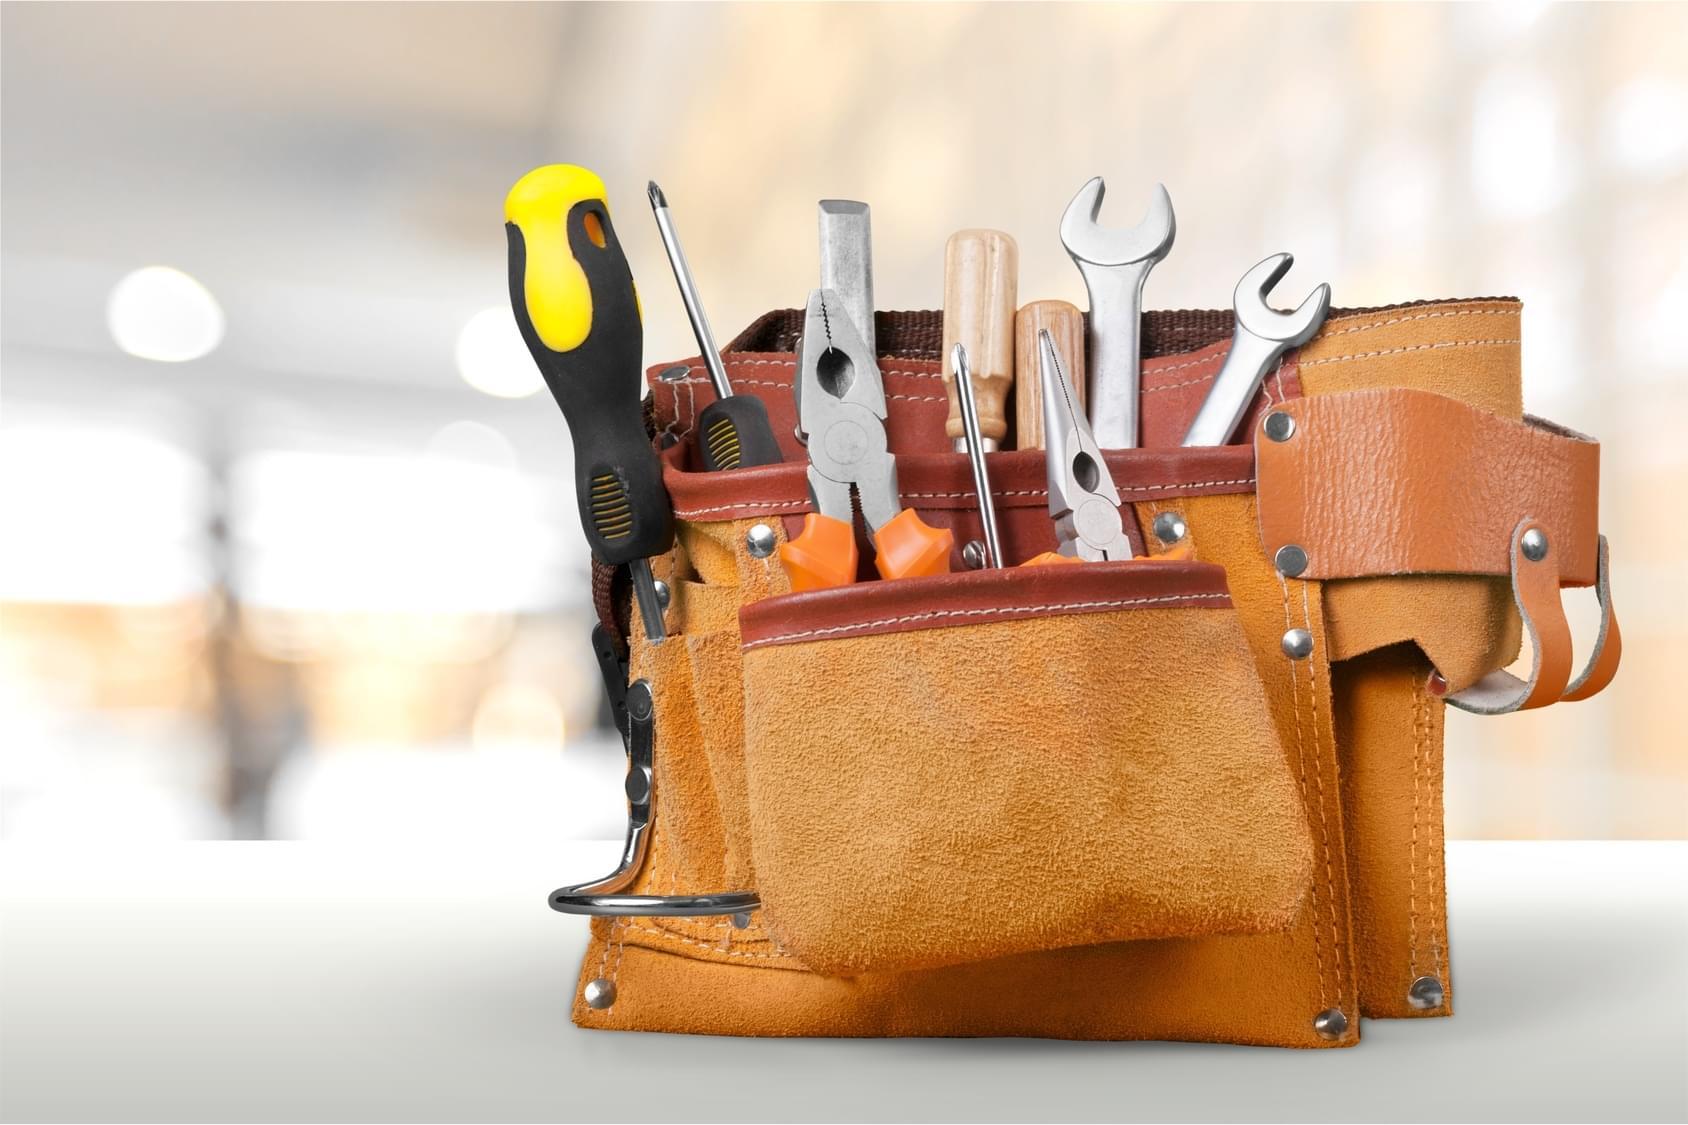 nethunt sales tools